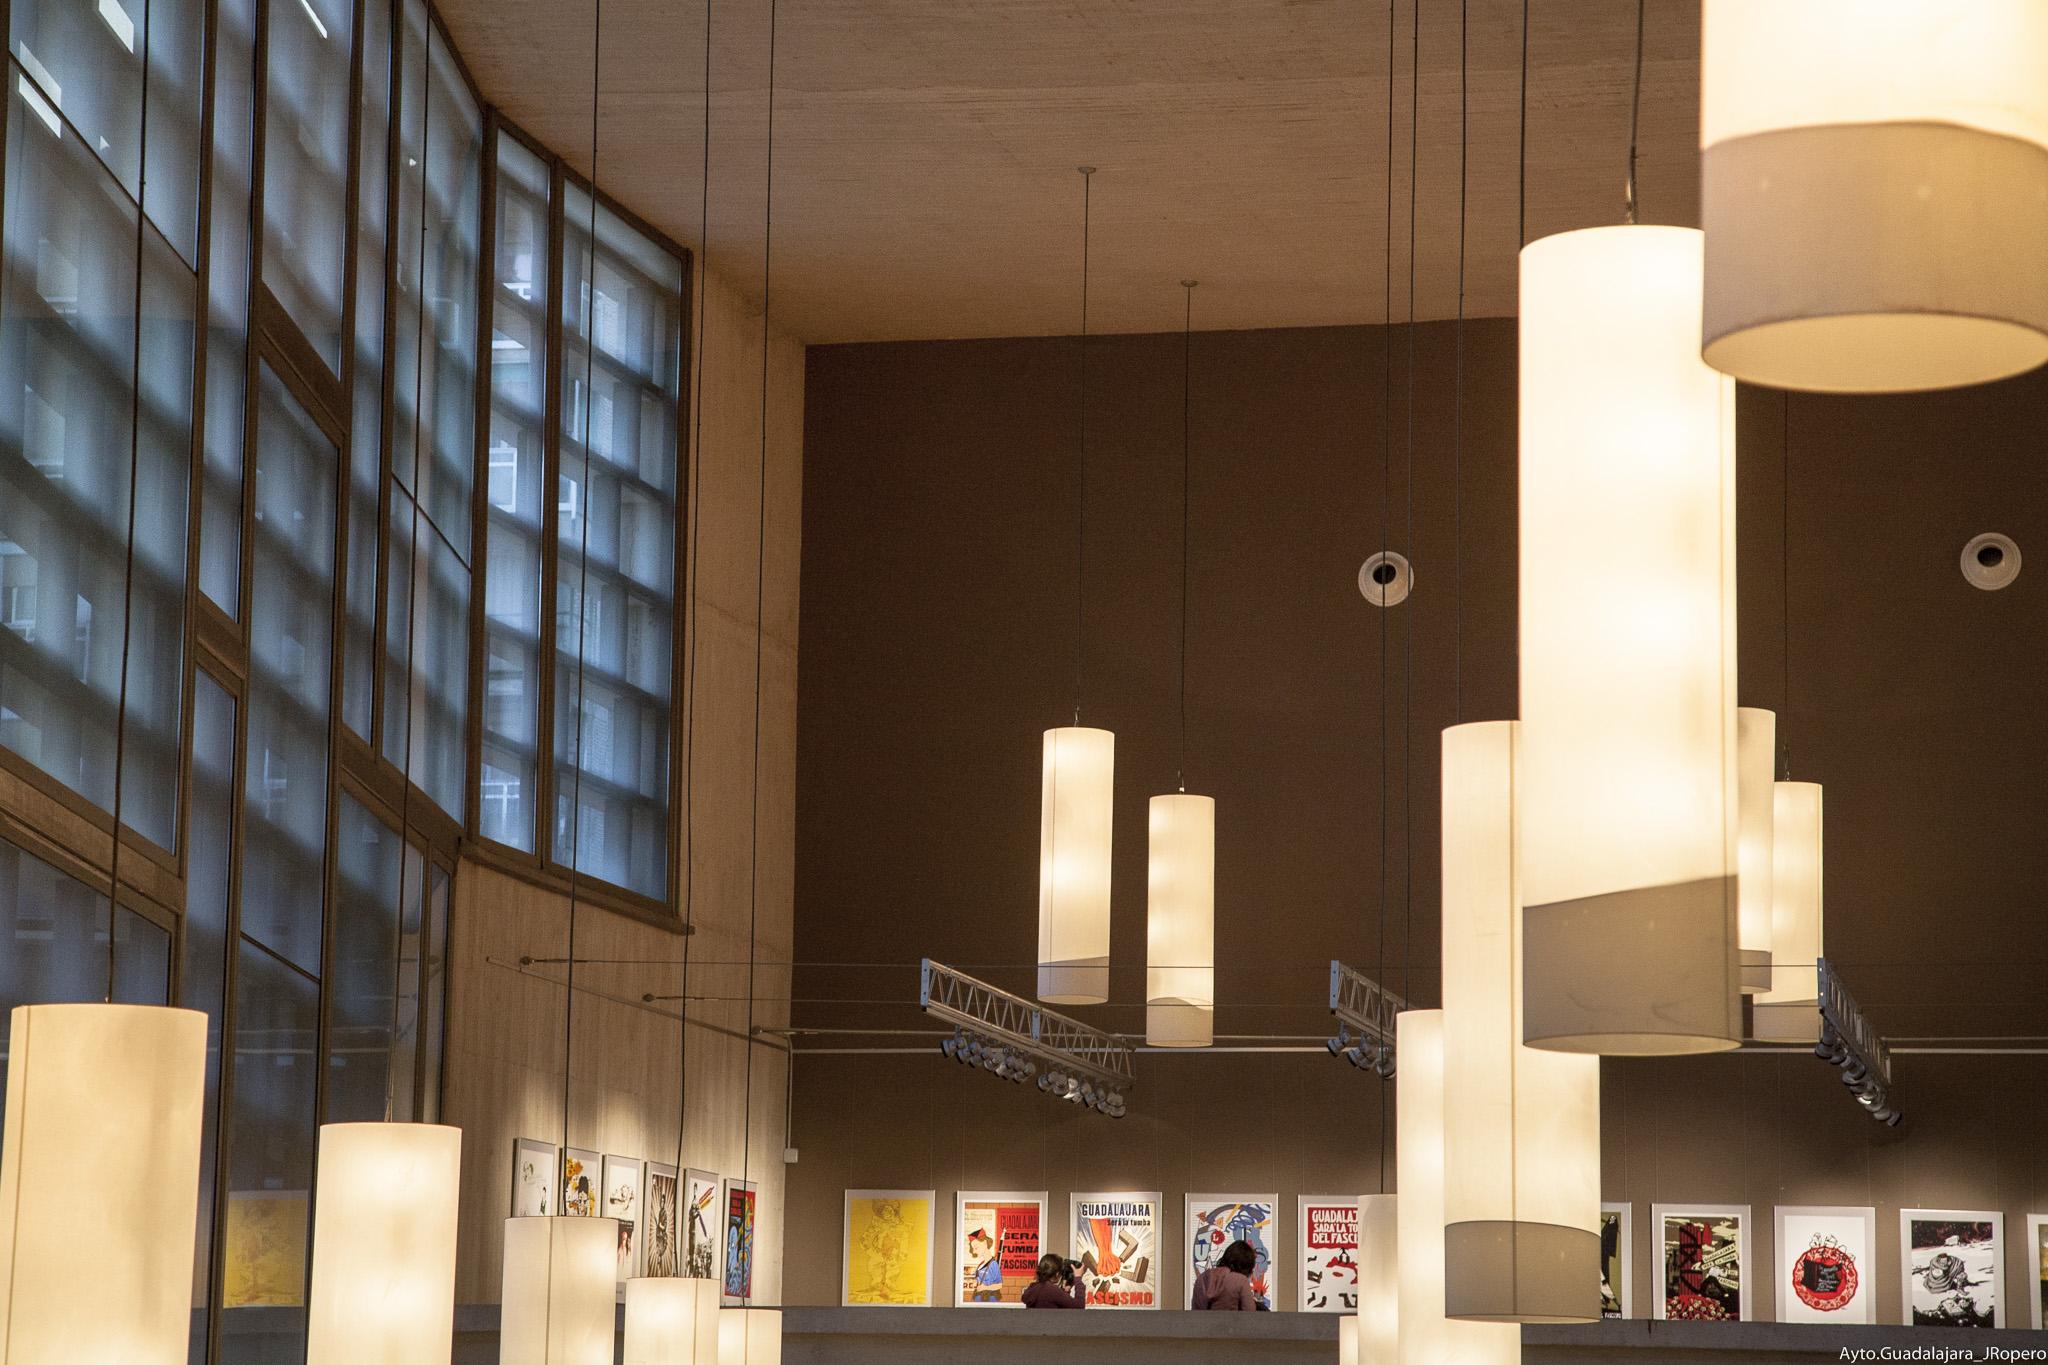 El Patronato Municipal de Cultura destinará  120.000 euros para subvencionar a las asociaciones culturales sin ánimo de lucro